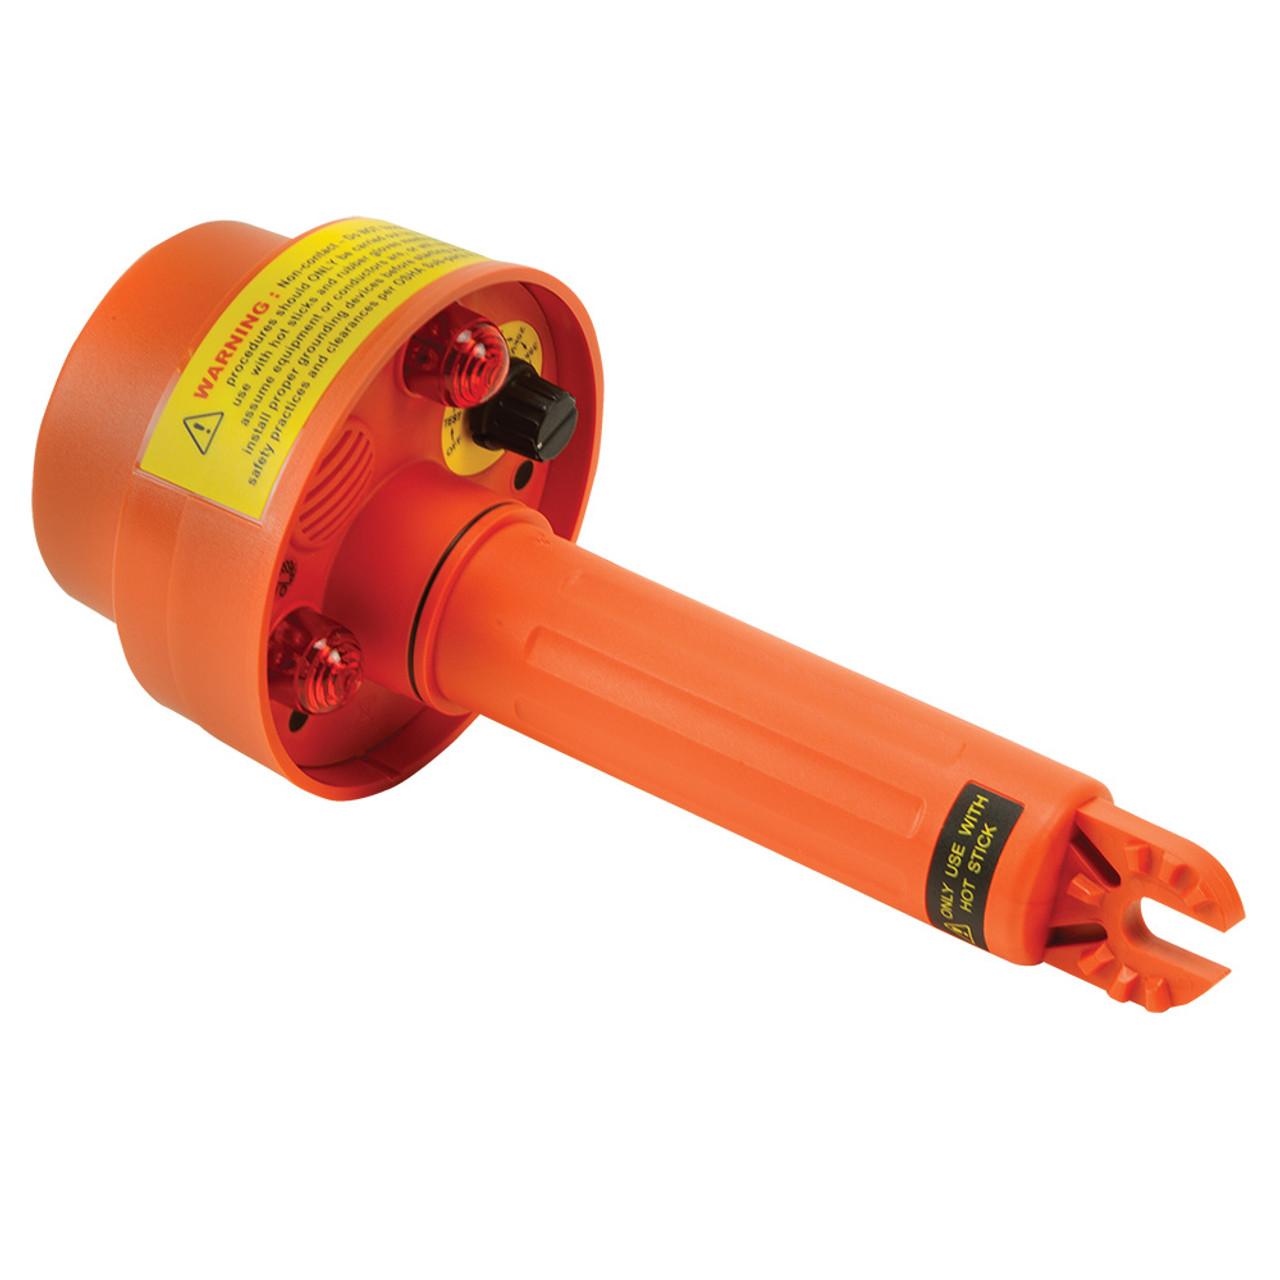 Klein HVNCVT-2 Broad-Range High Voltage Non-Contact Tester